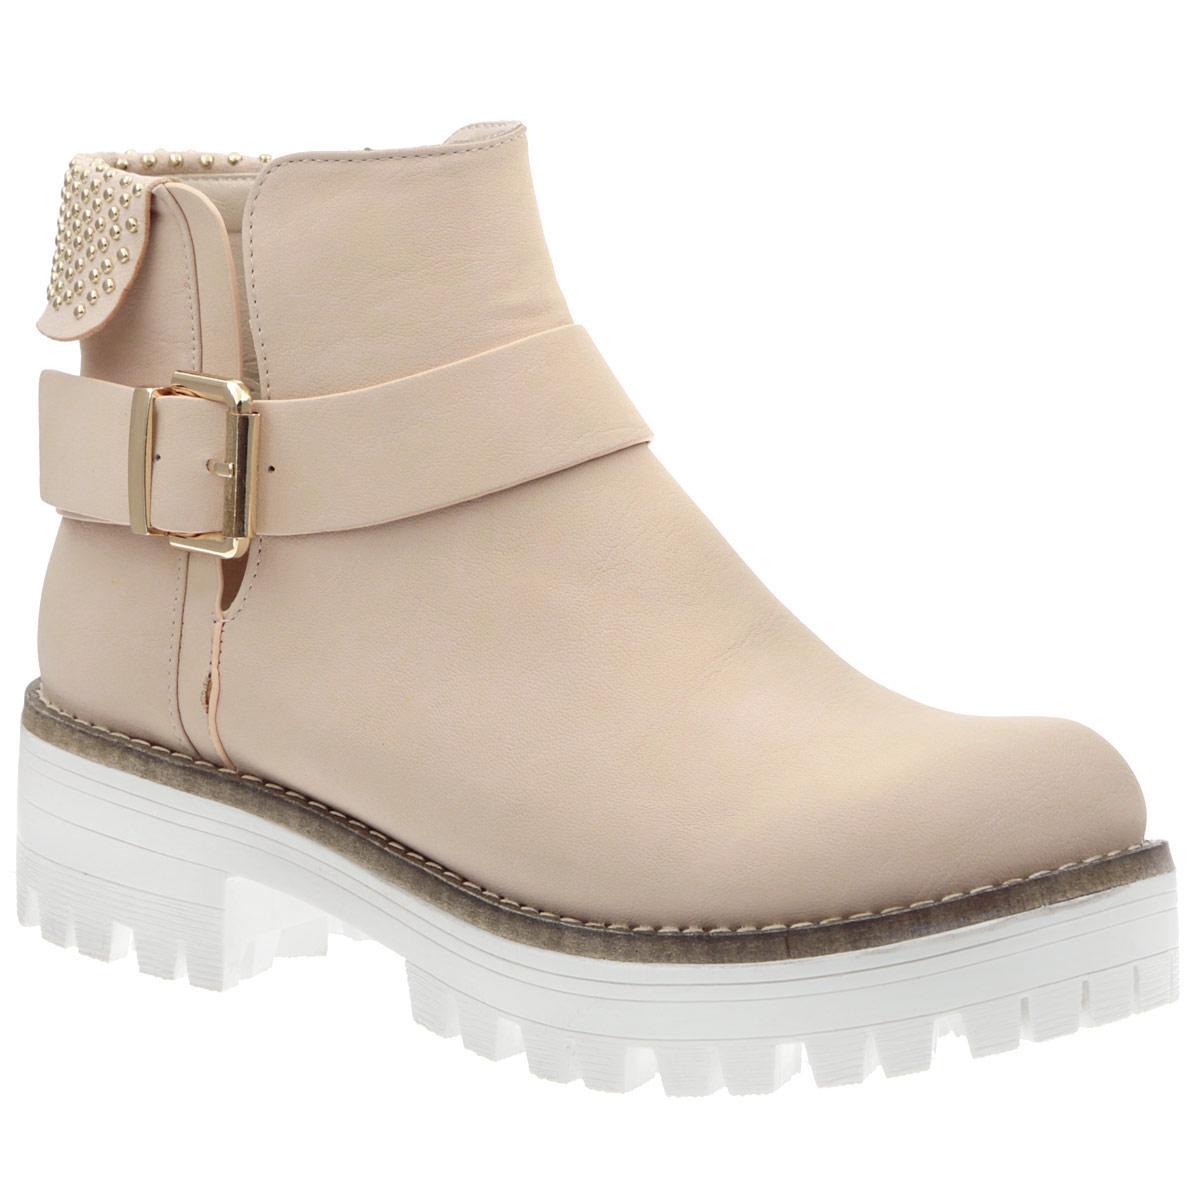 ST6-A0167Трендовые женские ботинки от Itemblack не оставят равнодушной настоящую модницу! Модель изготовлена из искусственного нубука и оформлена небольшим отворотом на голенище, украшенным россыпью металлических бусин, крупной прострочкой по ранту. Подъем декорирован ремнем с пряжкой, боковая сторона - глубоким V-образным вырезом. Ботинки застегиваются на застежку-молнию, расположенную на боковой стороне. Подкладка и стелька выполнены из искусственной кожи. Каблук и подошва с рифленым протектором обеспечивают идеальное сцепление с любой поверхностью. Ультрамодные ботинки помогут вам создать запоминающийся образ и подчеркнут вашу индивидуальность.